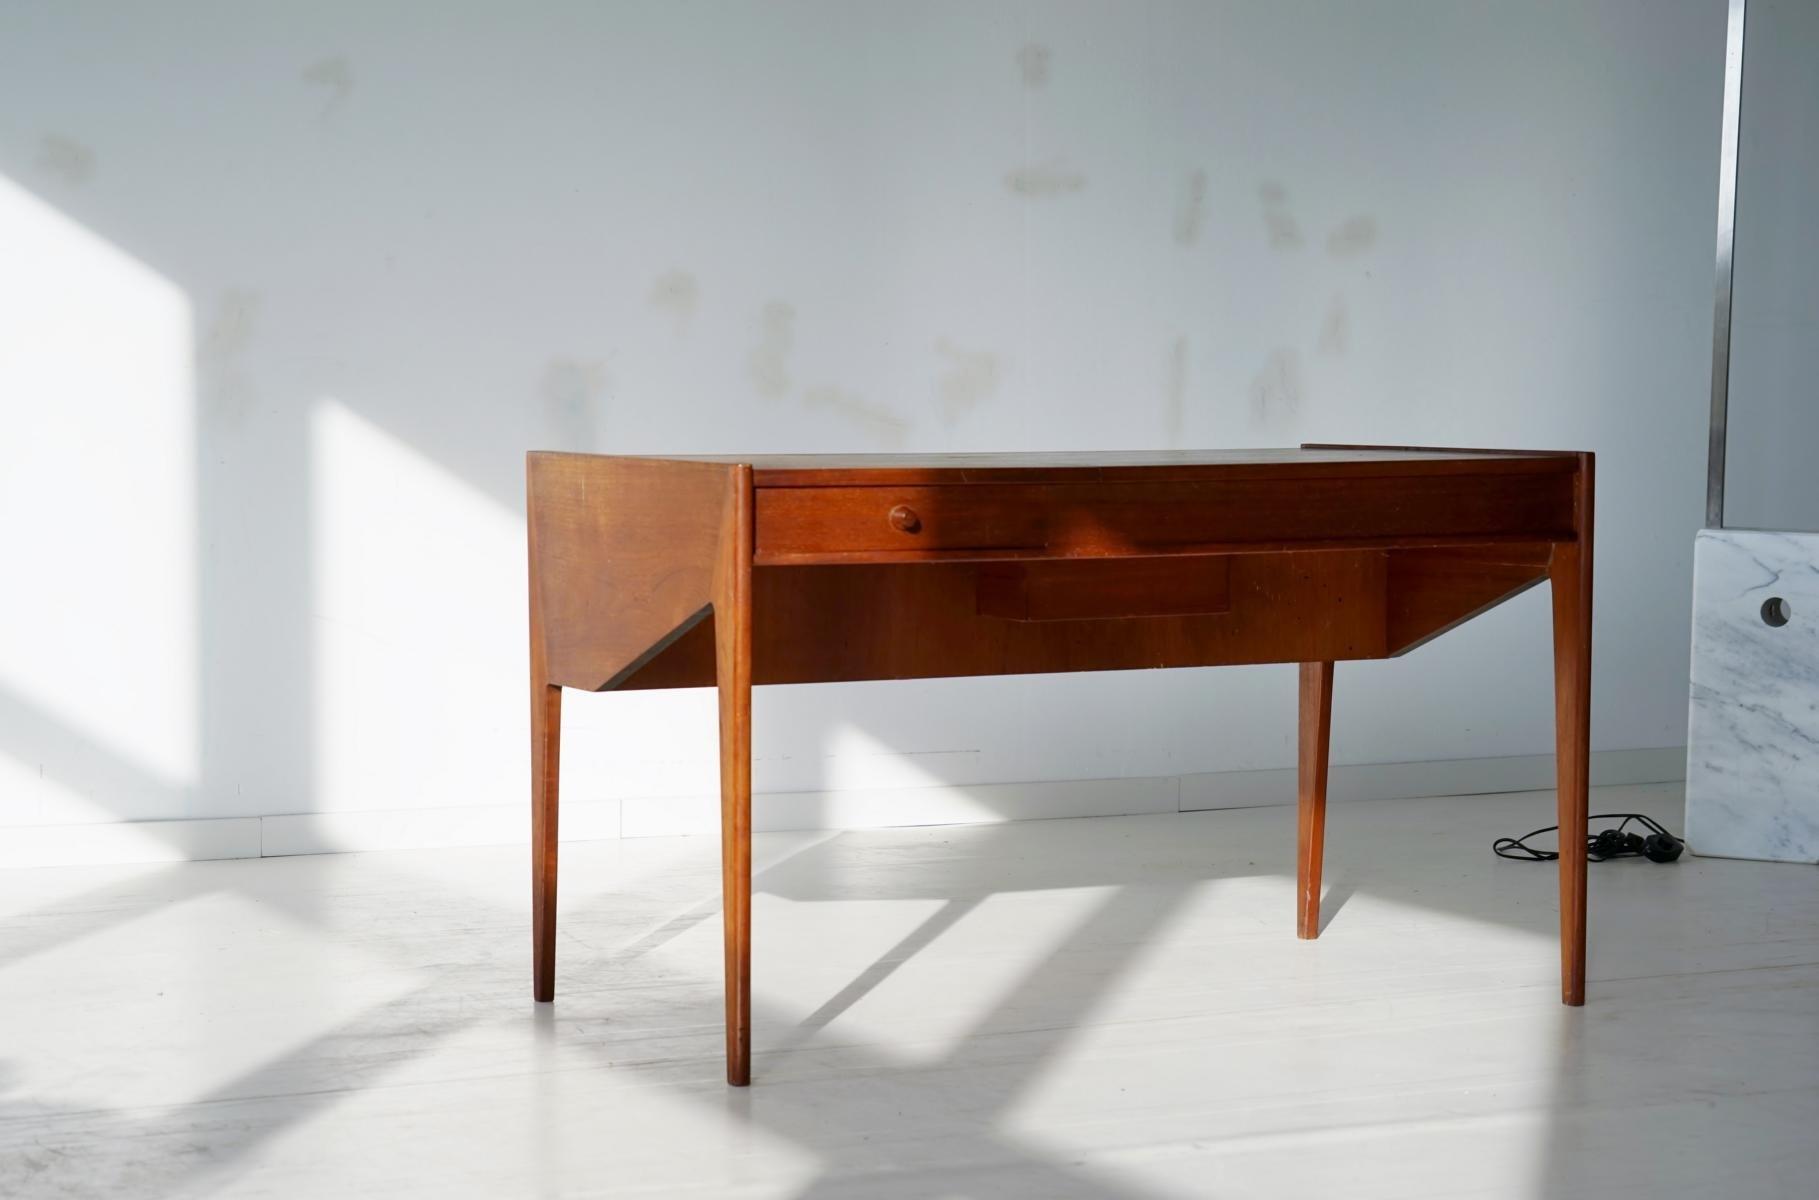 d nischer mid century teak schreibtisch bei pamono kaufen. Black Bedroom Furniture Sets. Home Design Ideas